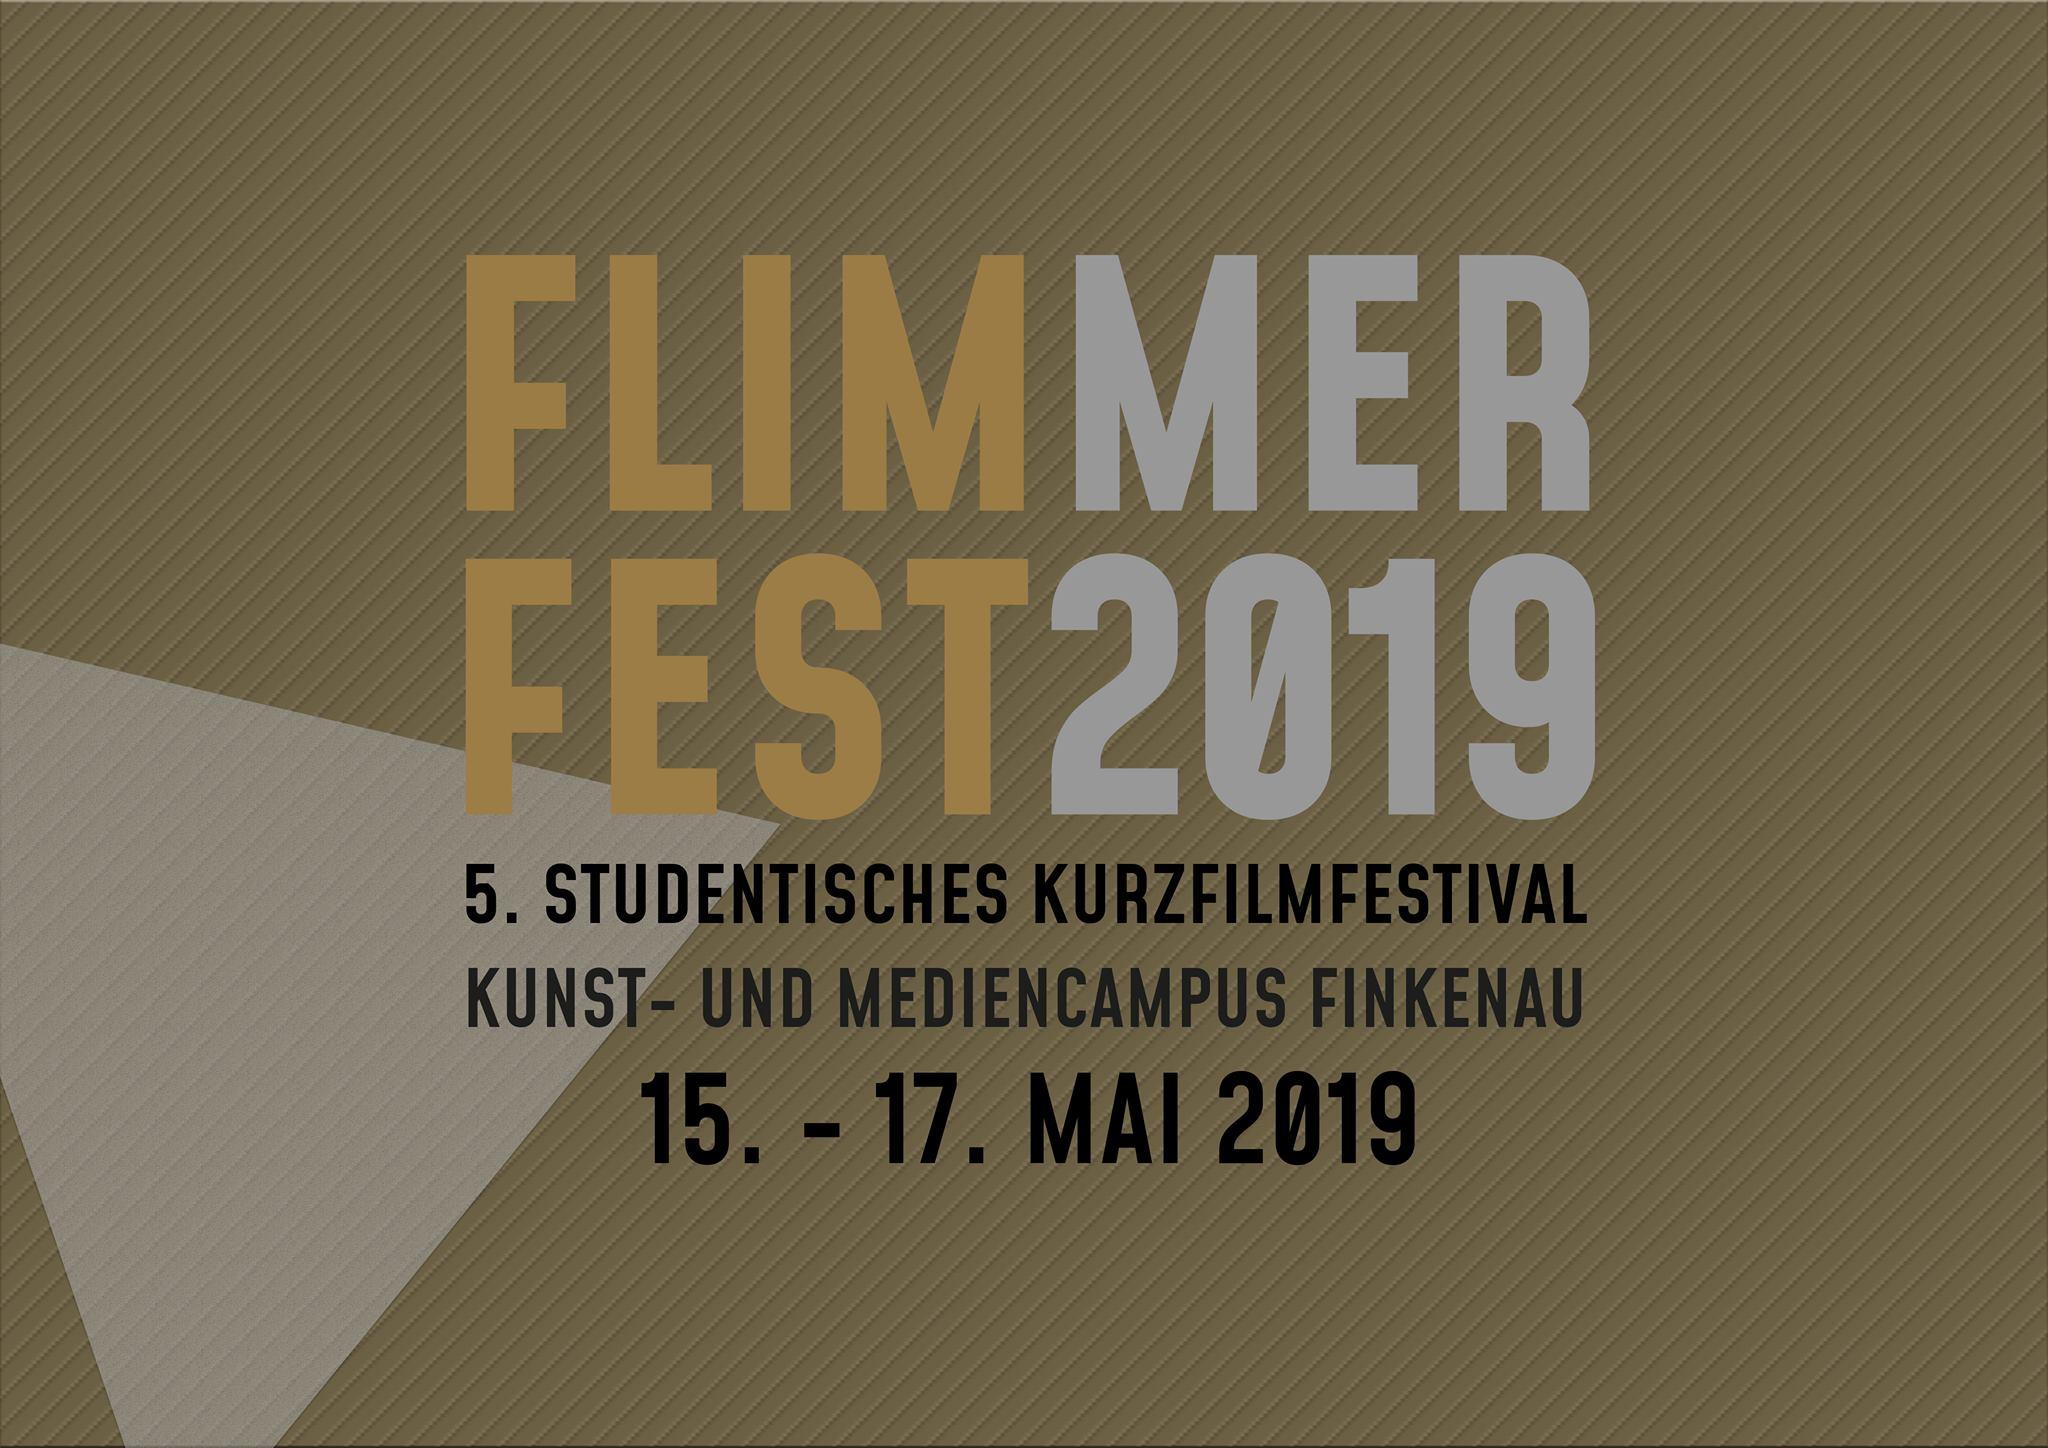 Flimmerfest 2019